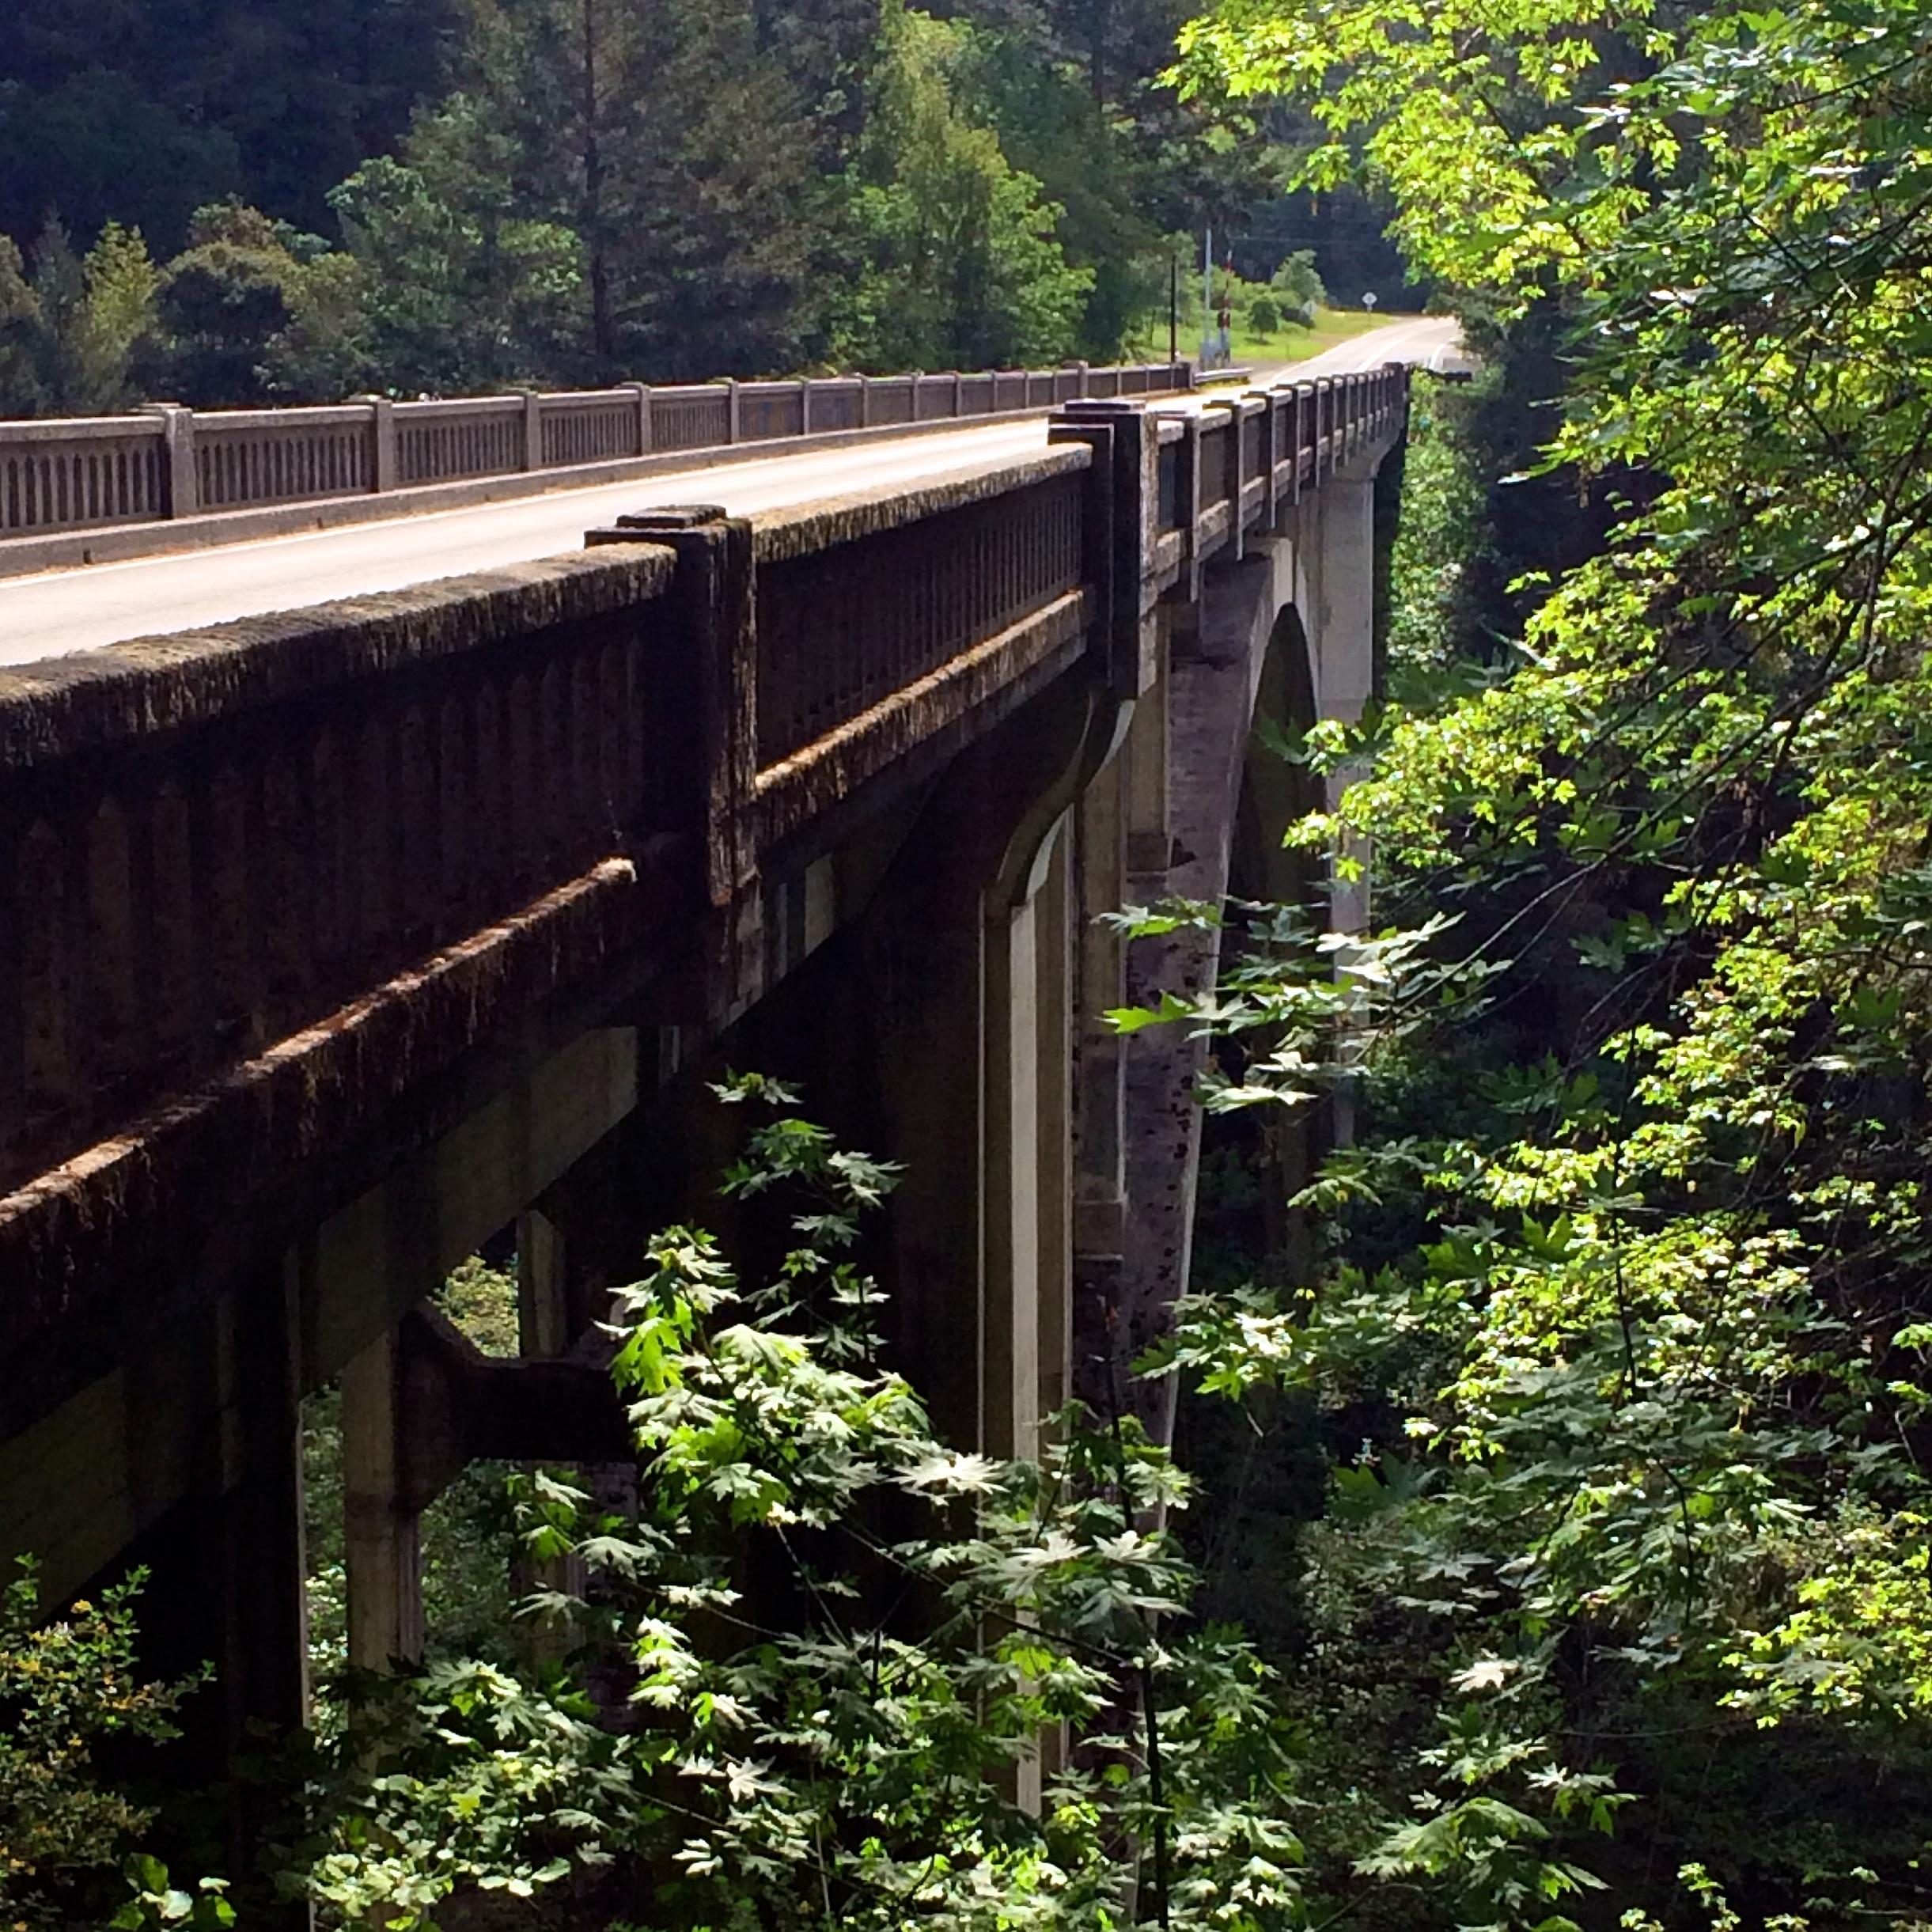 The southern bridge.